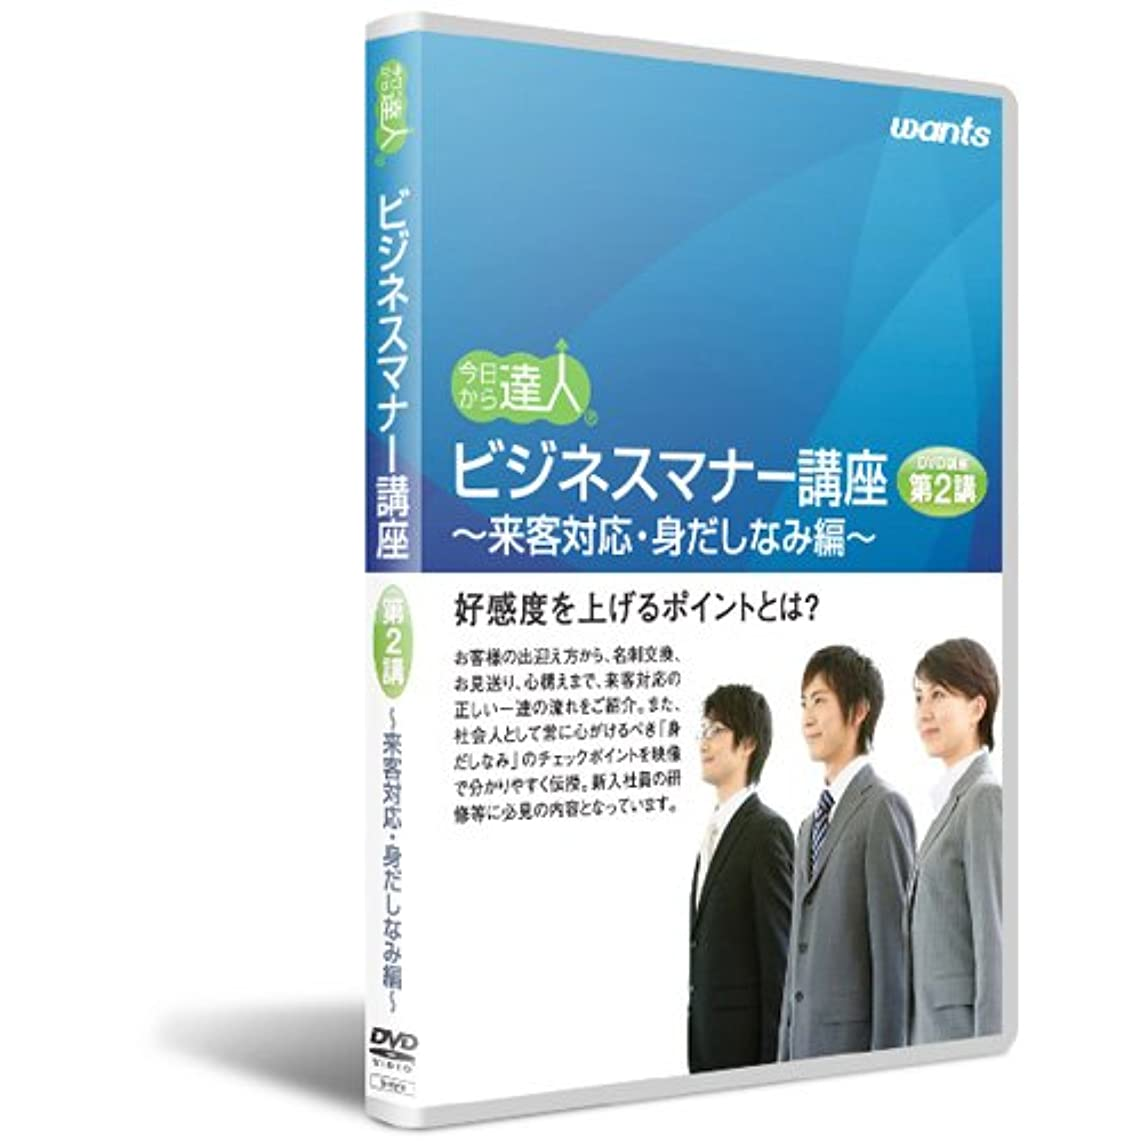 安定したインタラクション何もないビジネスマナー:DVD講座 第2講 来客対応?身だしなみ編